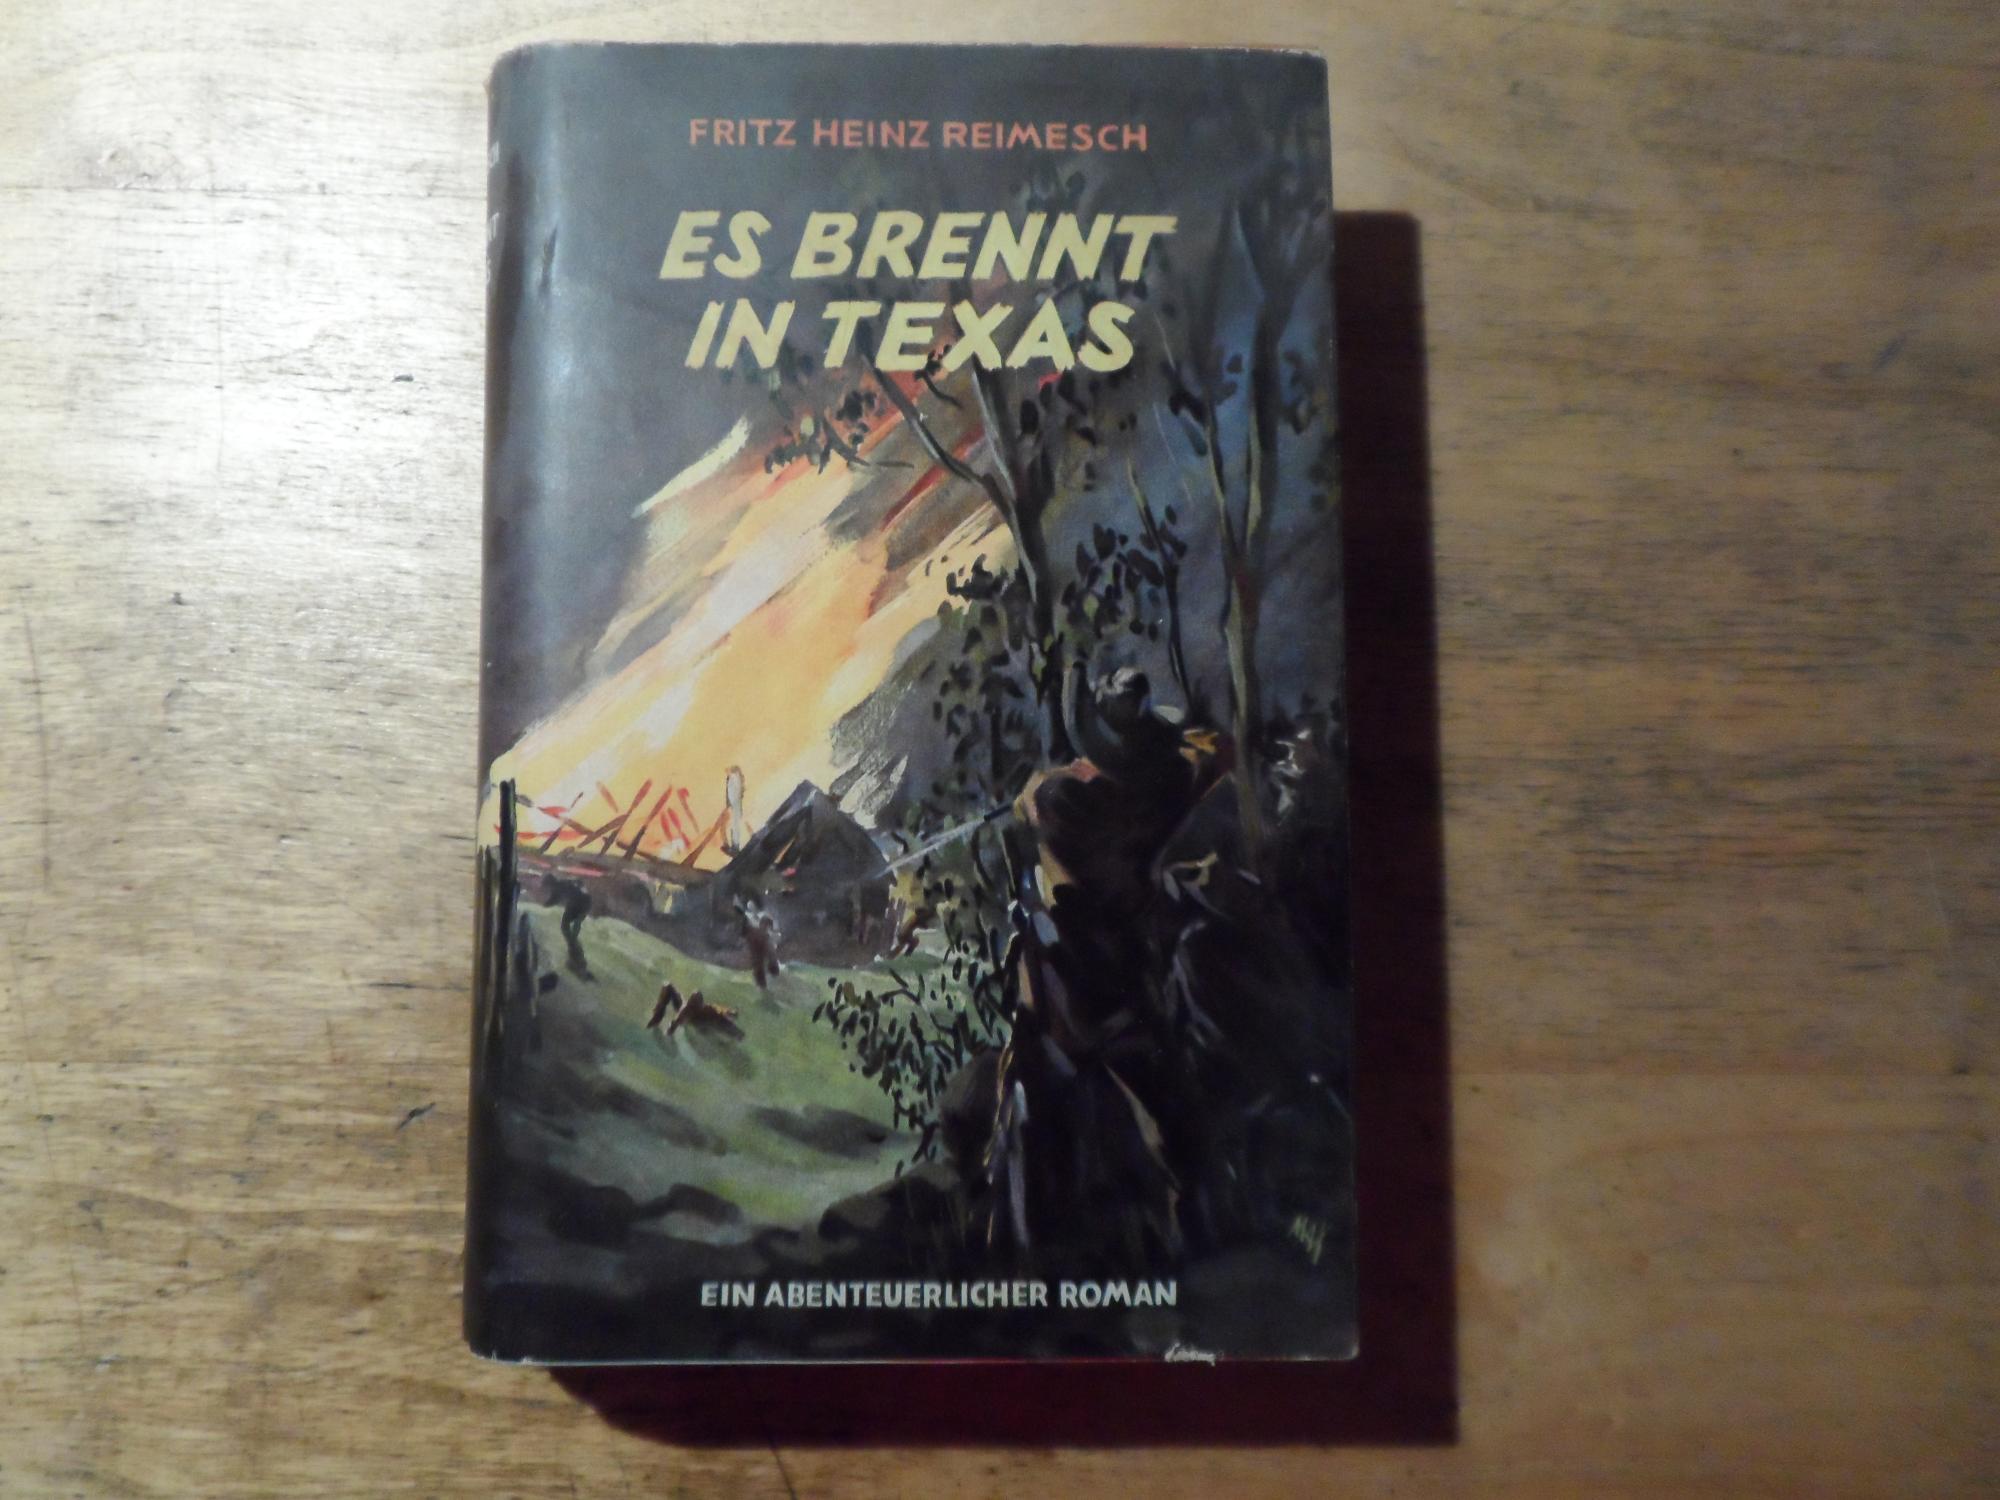 Es brennt in Texas - Ein abenteuerlicher: Reimesch,Fritz Heiner